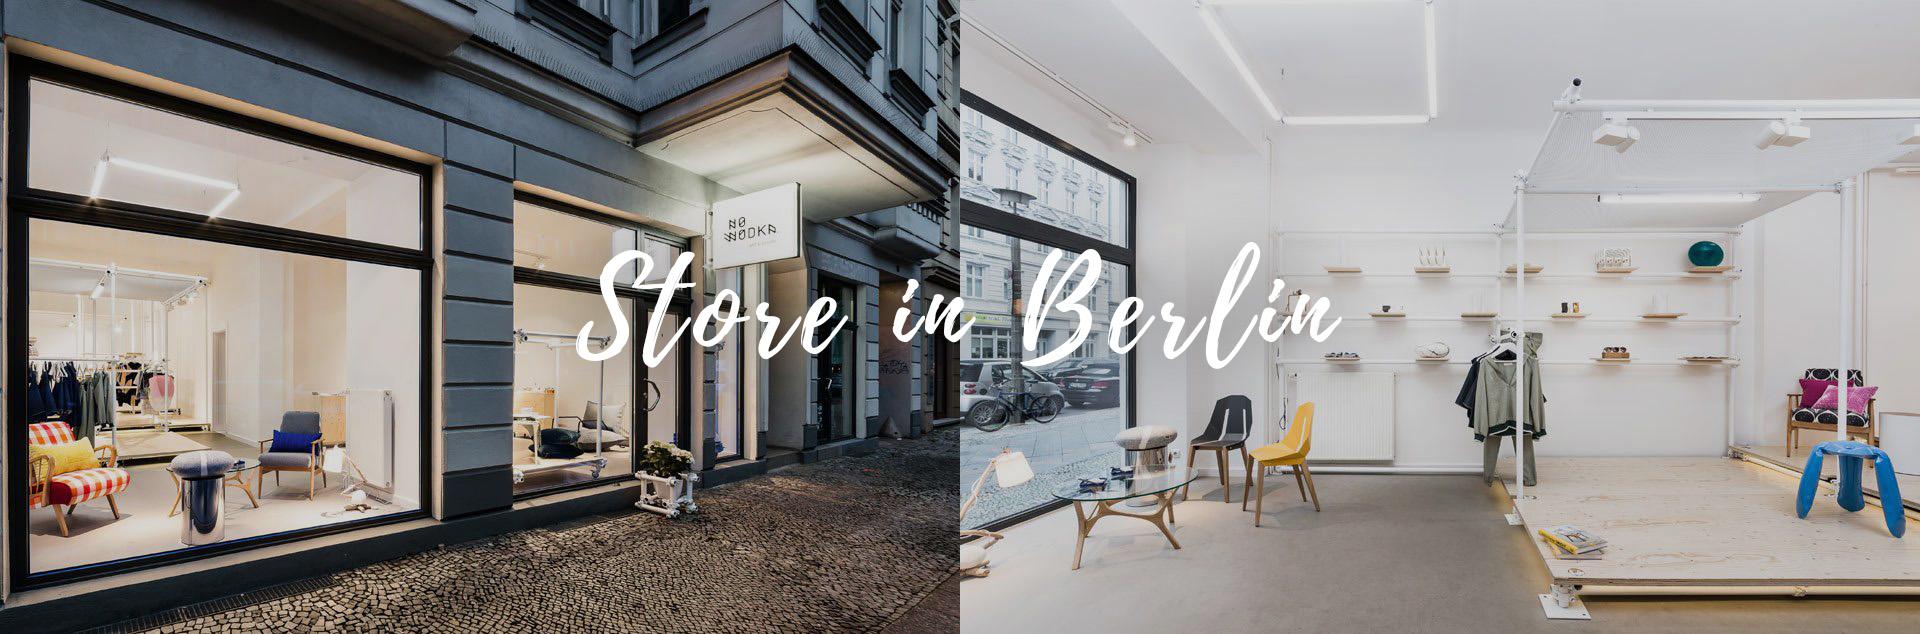 No Wodka Concept Store Laden Mit Polnischem Design In Berlin